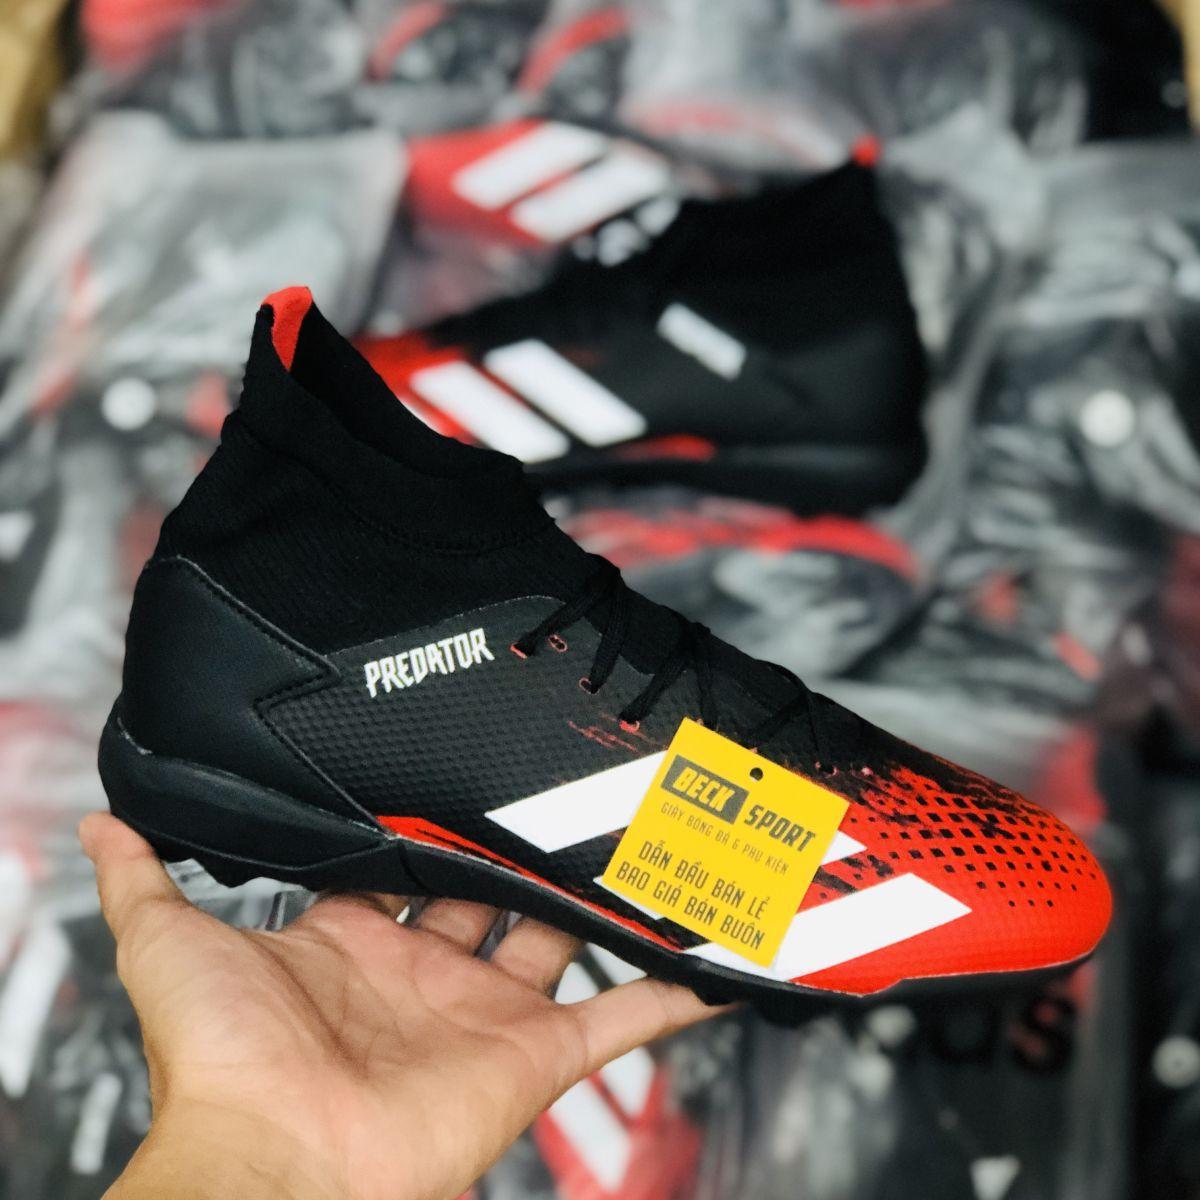 Giày Bóng Đá Adidas Predator 20.3 Đen Mũi Đỏ Vạch Trắng Cổ Cao HQ TF